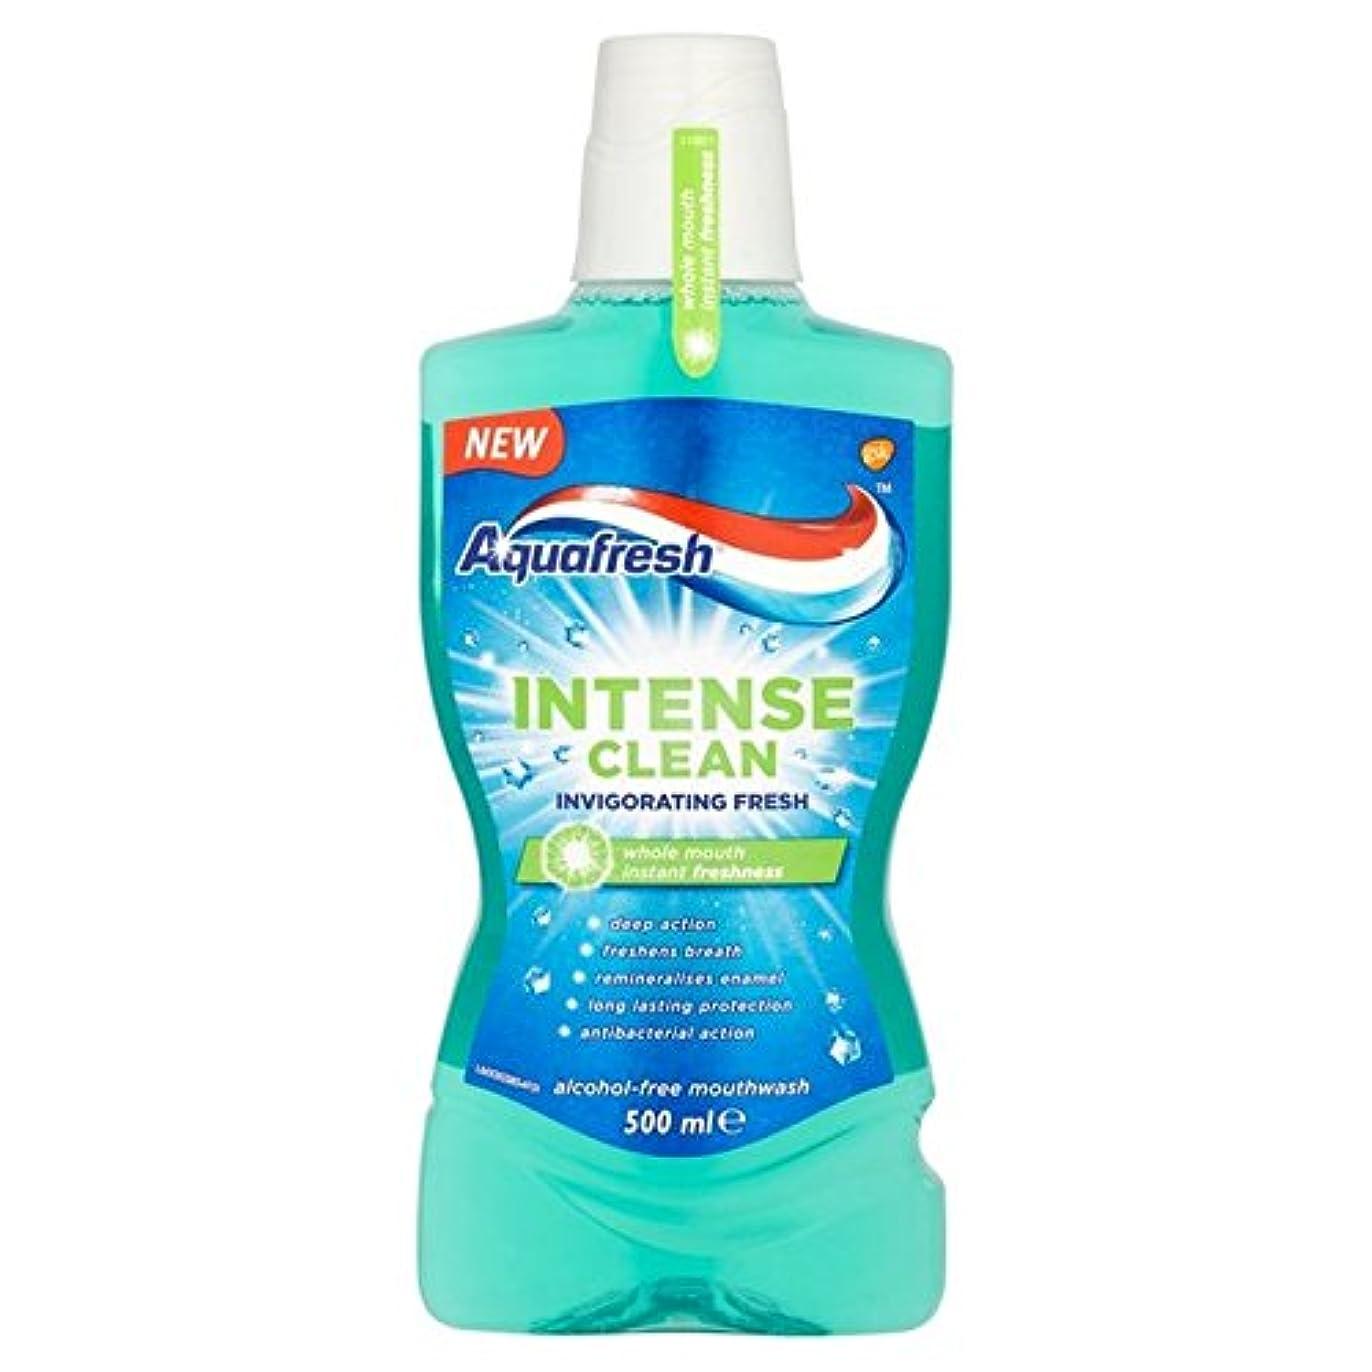 リレーパン底Aquafresh Intense Clean Invigorating Wash 500ml - アクアフレッシュ強烈なきれいな爽快ウォッシュ500ミリリットル [並行輸入品]